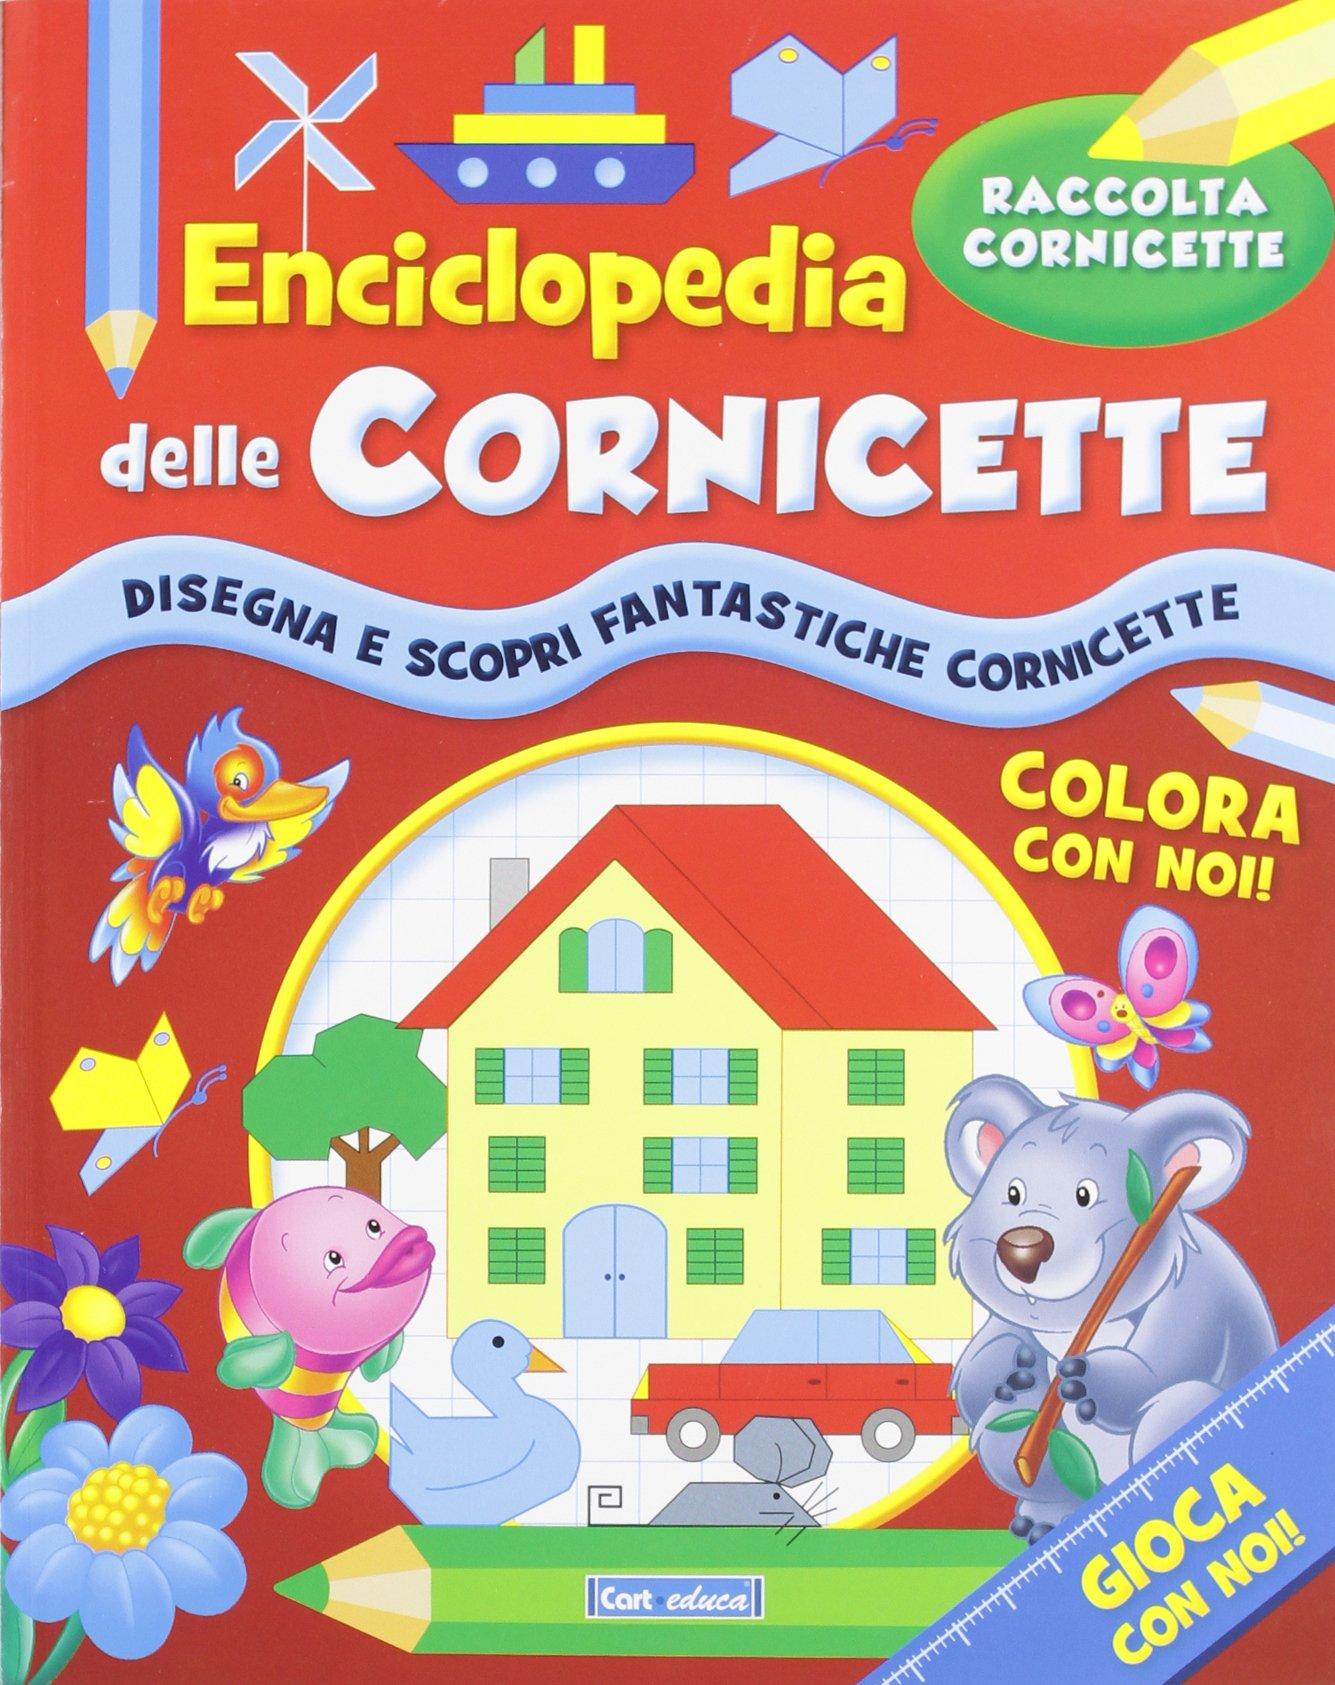 Enciclopedia delle cornicette: 9788863093087: Amazon.com: Books